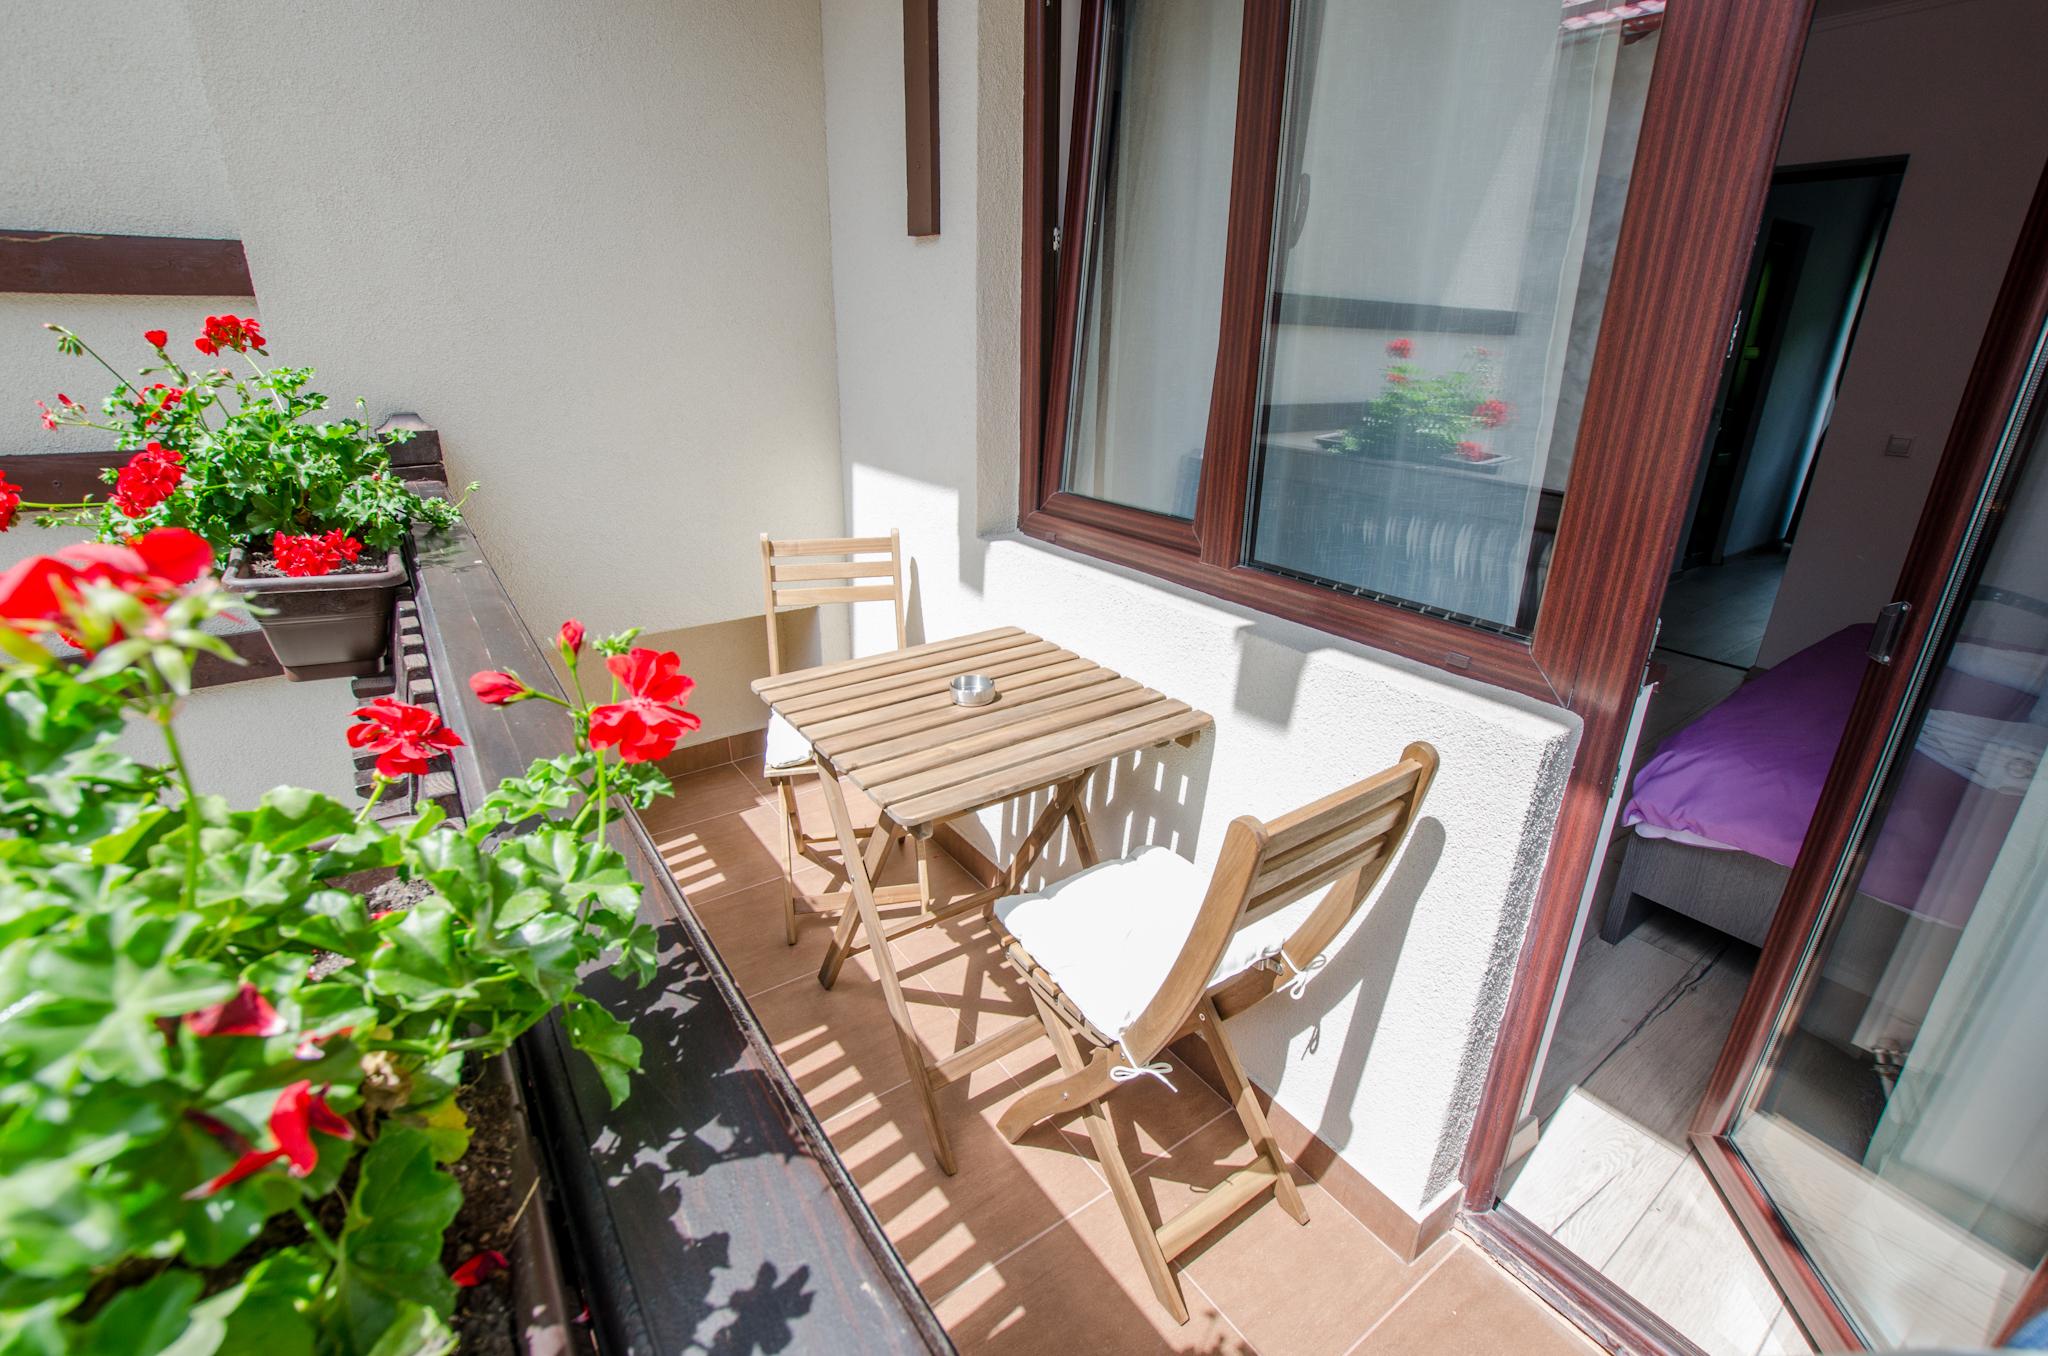 Balcon cu măsuţă şi scaune, în suita de familie de la etaj